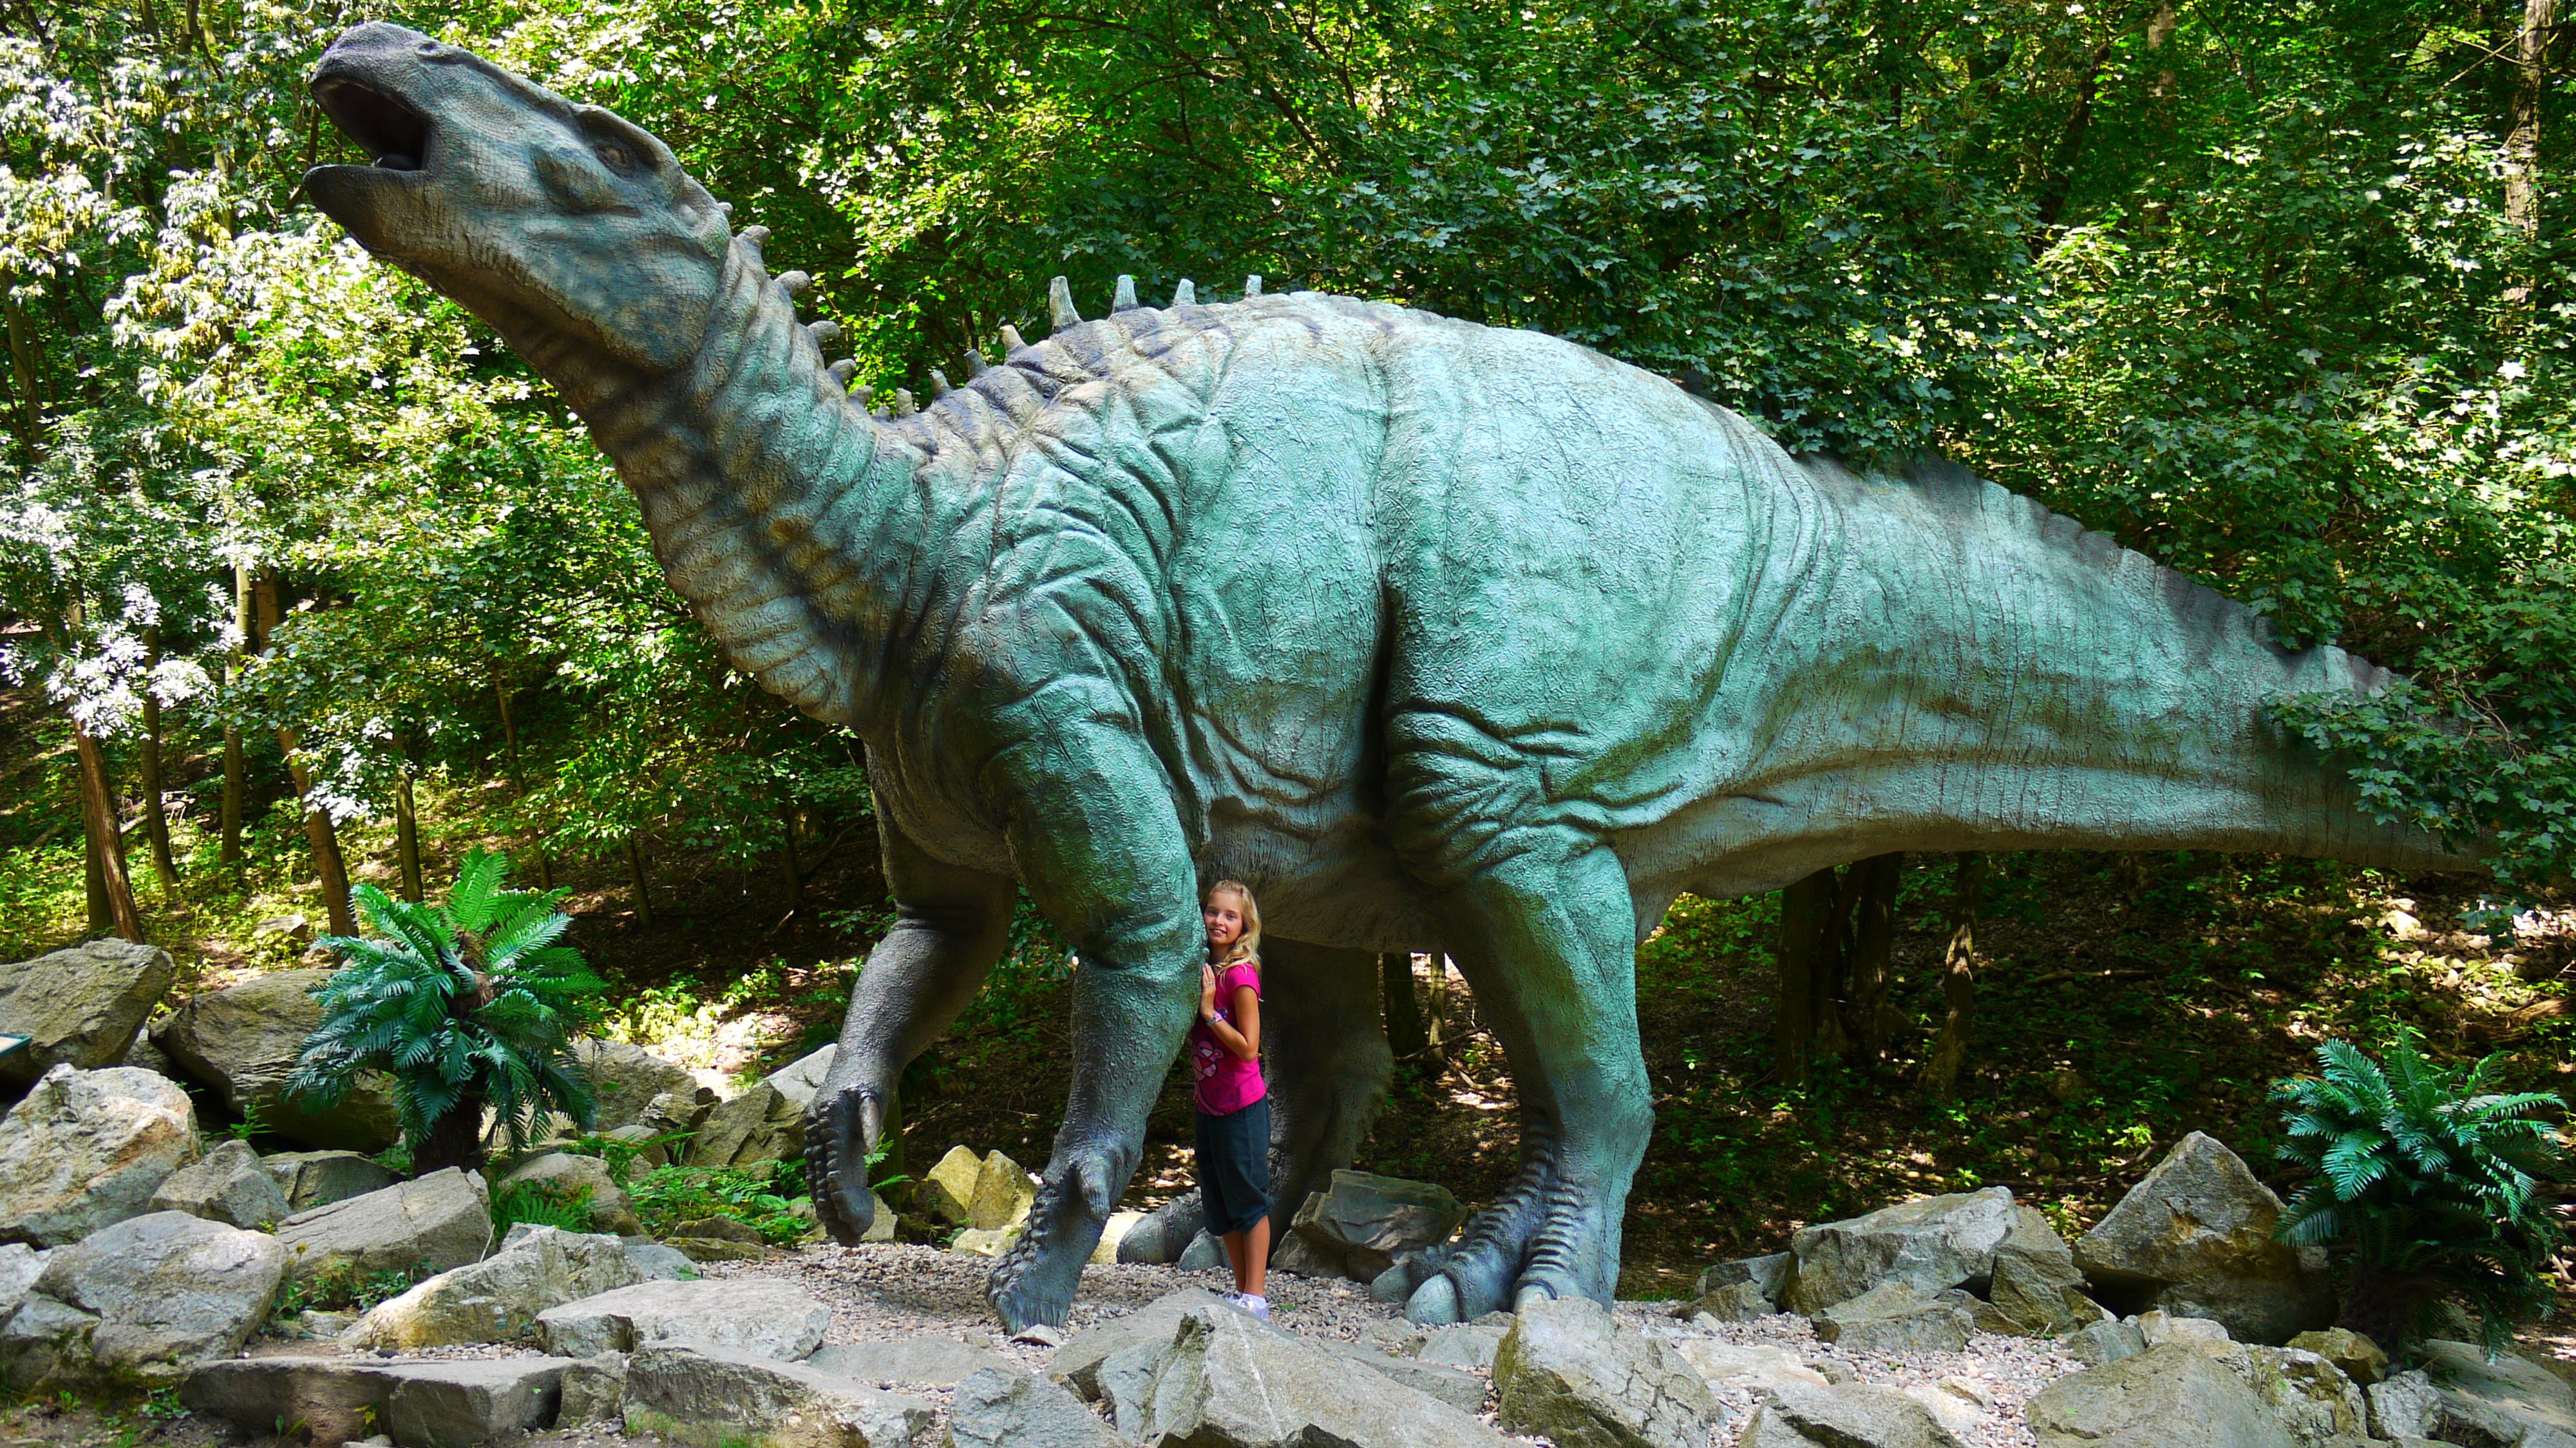 FileIguanodon DinoPark BratislavaJPG Wikimedia Commons